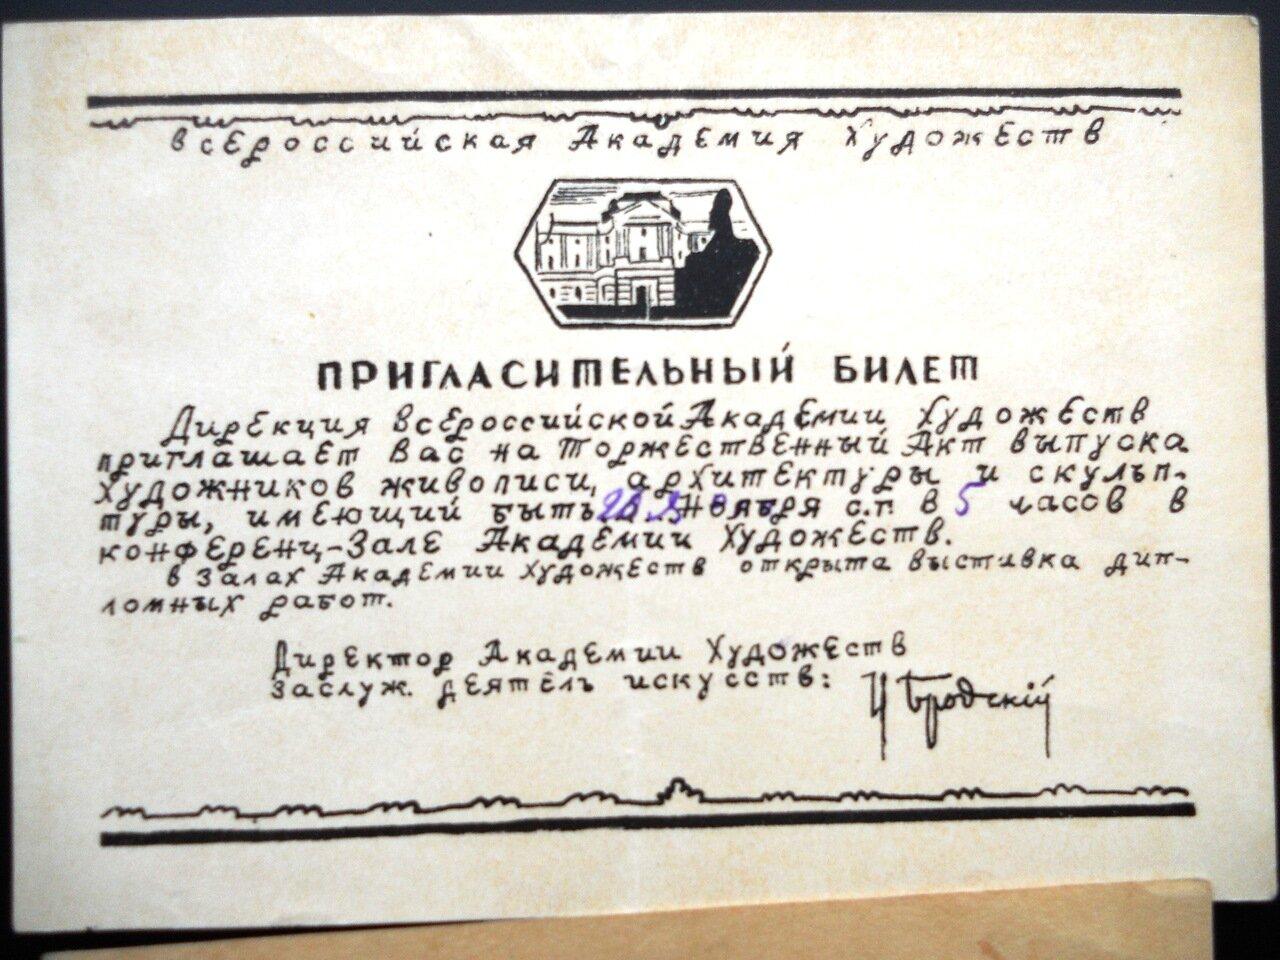 Пригласительный билет от Всероссийской Академии Художеств. 30-е гг.